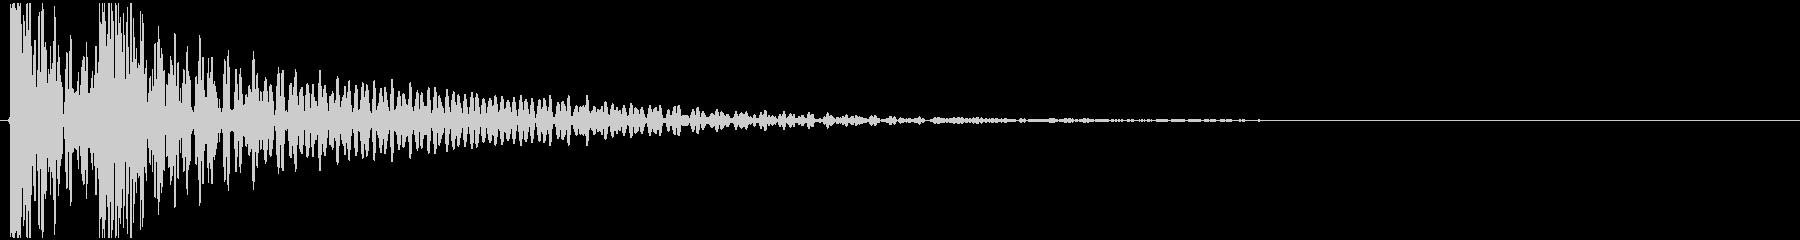 大太鼓 和楽器 ドドン 高音質の未再生の波形